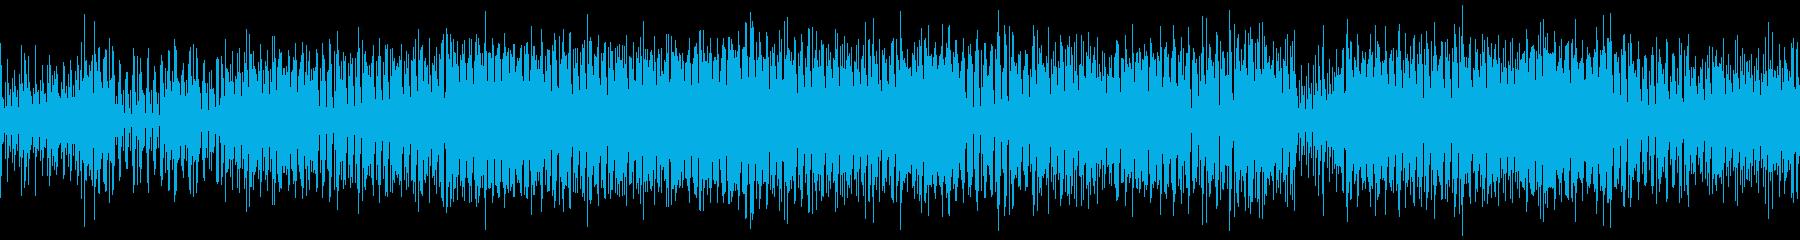 電話、着信、サイバー、等に合うループ曲の再生済みの波形